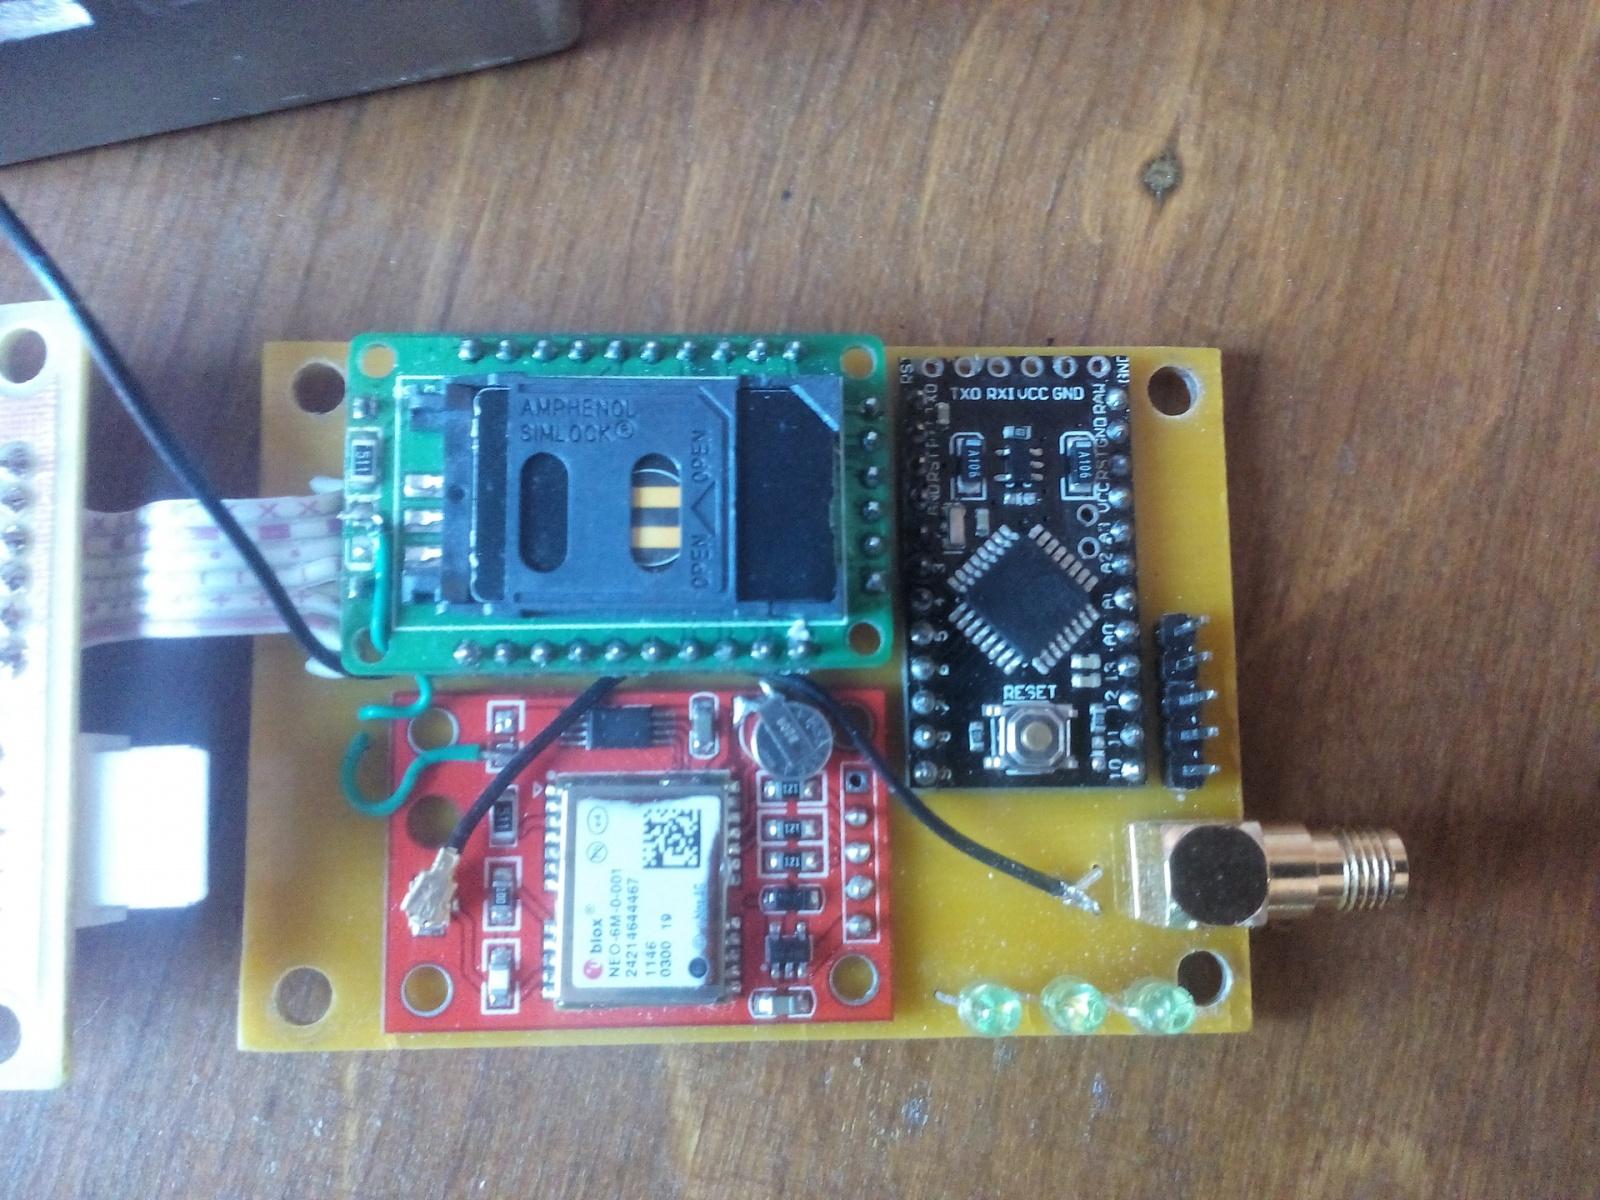 GPS трекер для автомобиля своими руками - 11